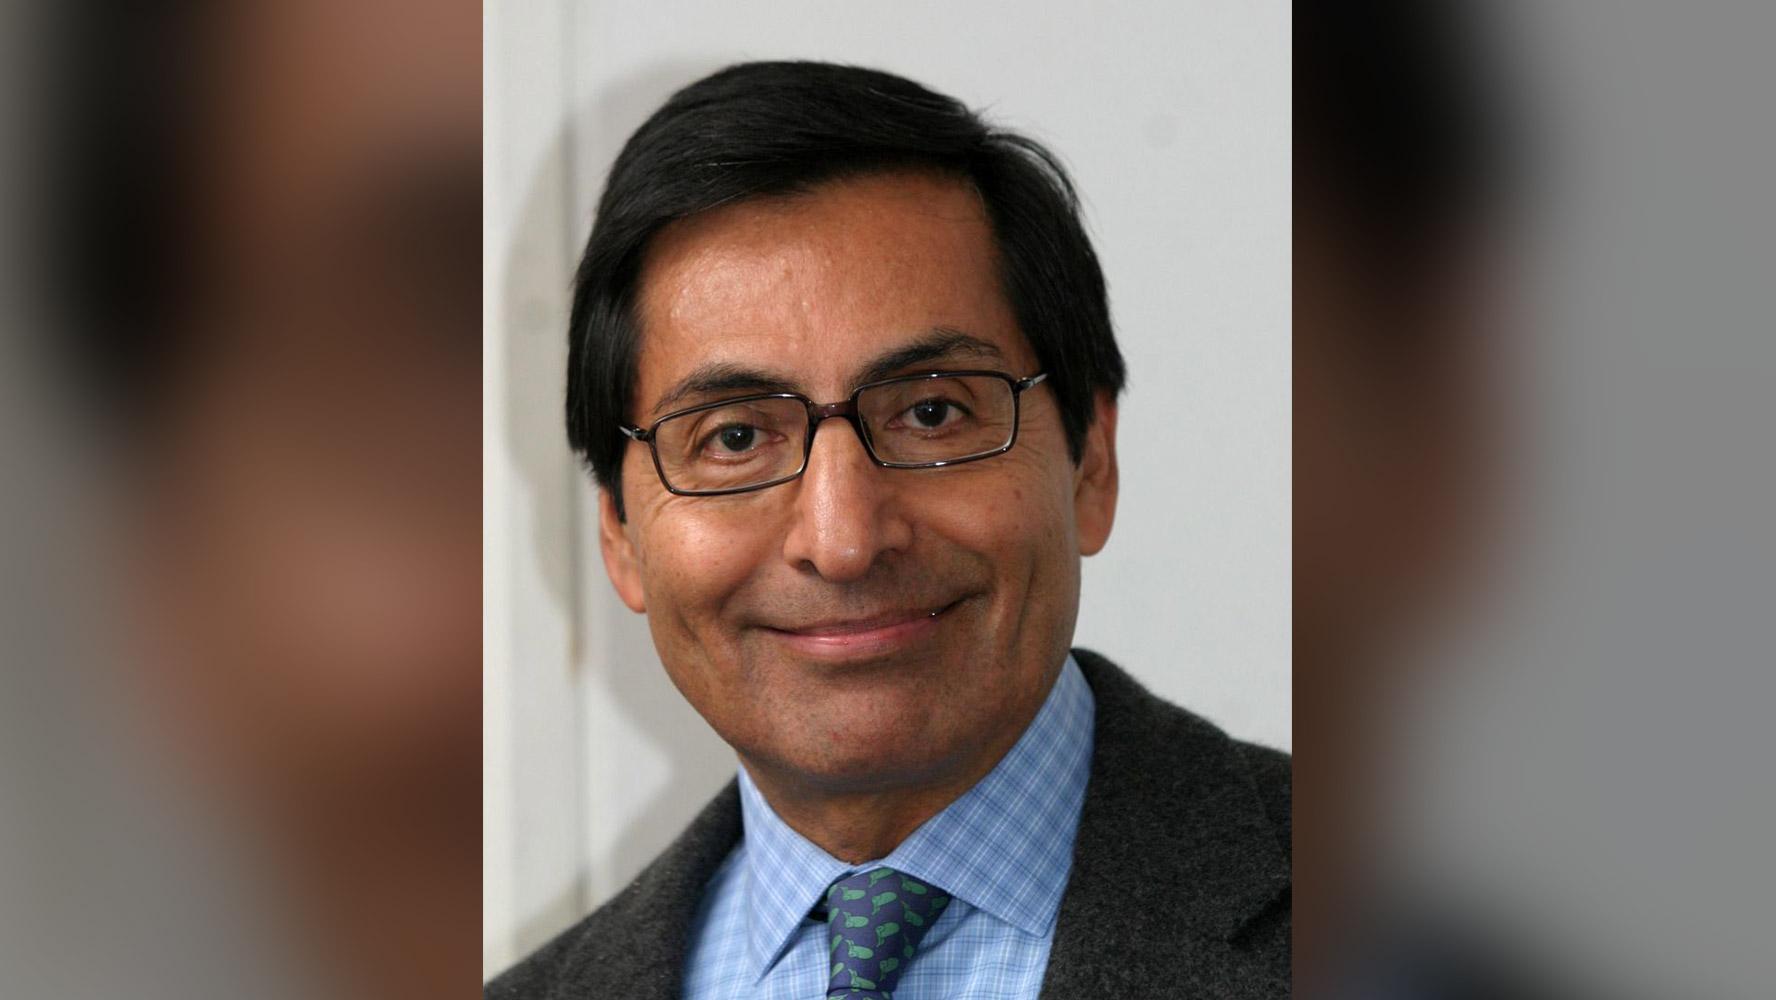 El próximo paquete económico tendrá una profunda dimensión social: Rogelio Ramírez.